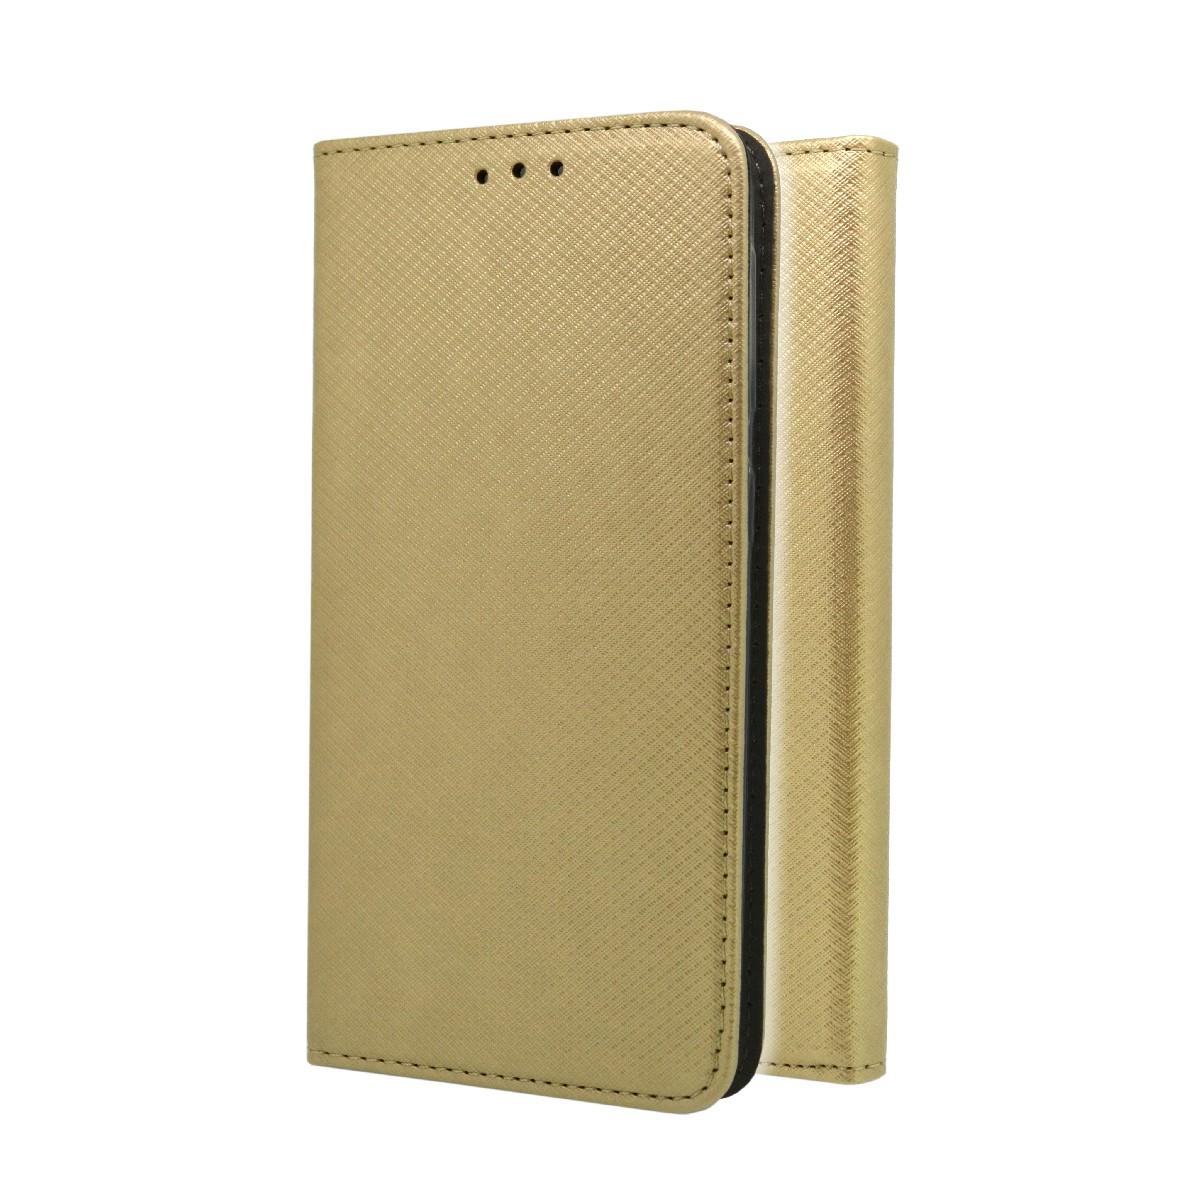 Θήκη Book Ancus Magnetic Glam για Huawei P40 Lite 5G Χρυσαφί